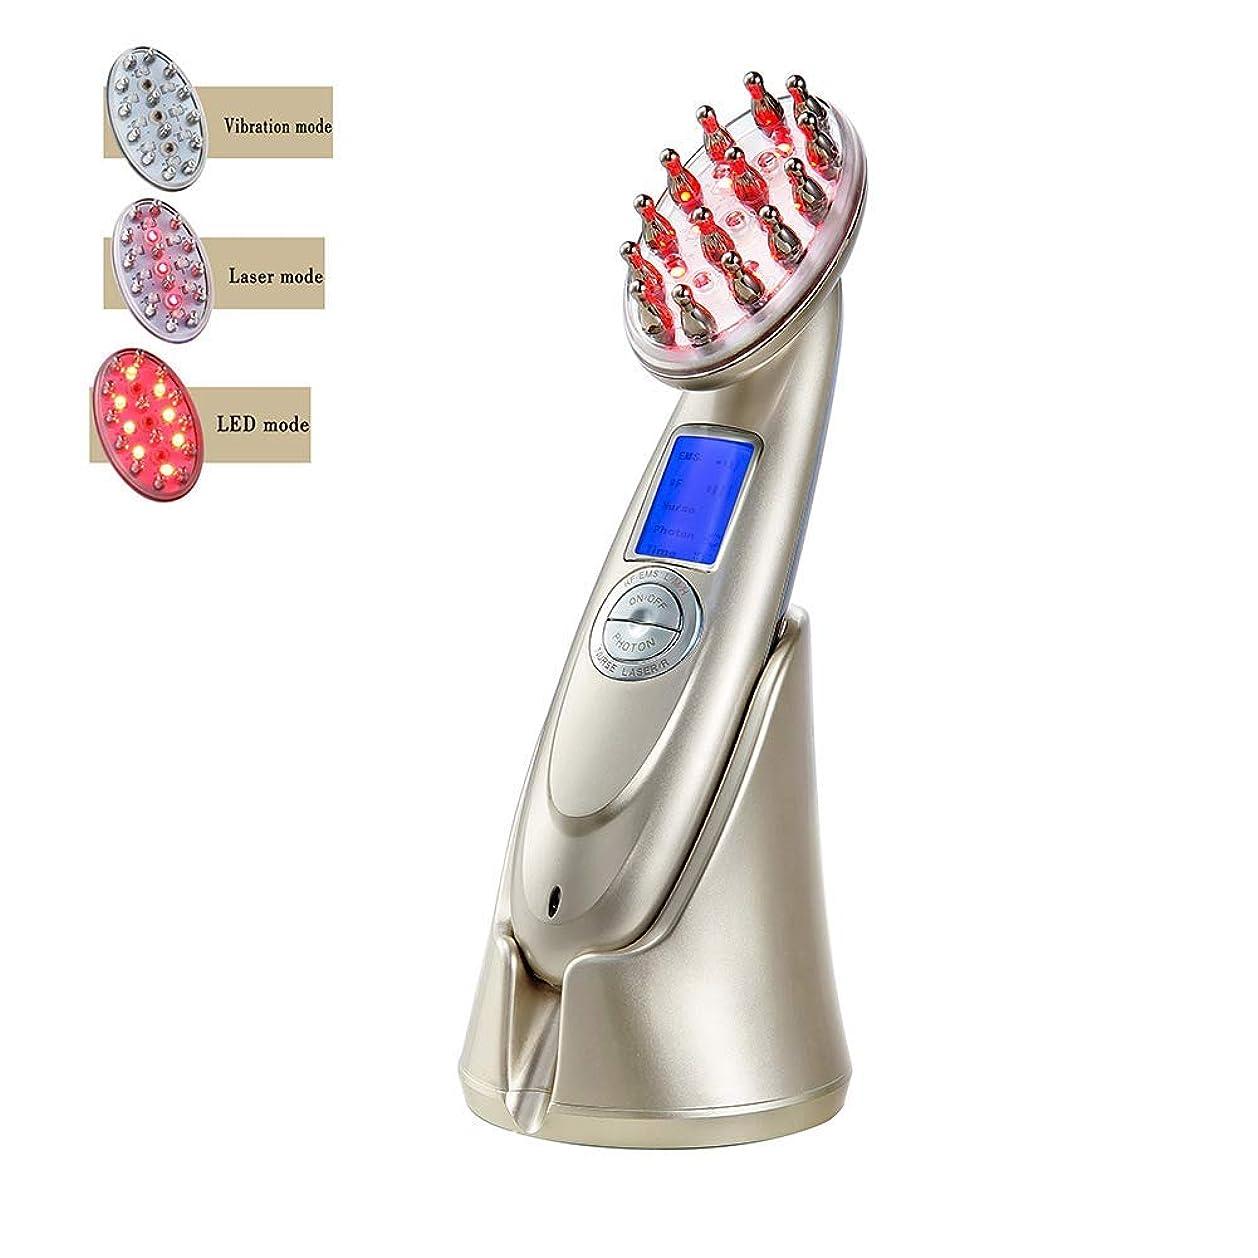 うつシャトル櫛プロの電気毛の成長レーザーの櫛は RF の EMS LED の光子ライト療法のヘアブラシの反毛の損失の処置マッサージ器の毛の再生のブラシ